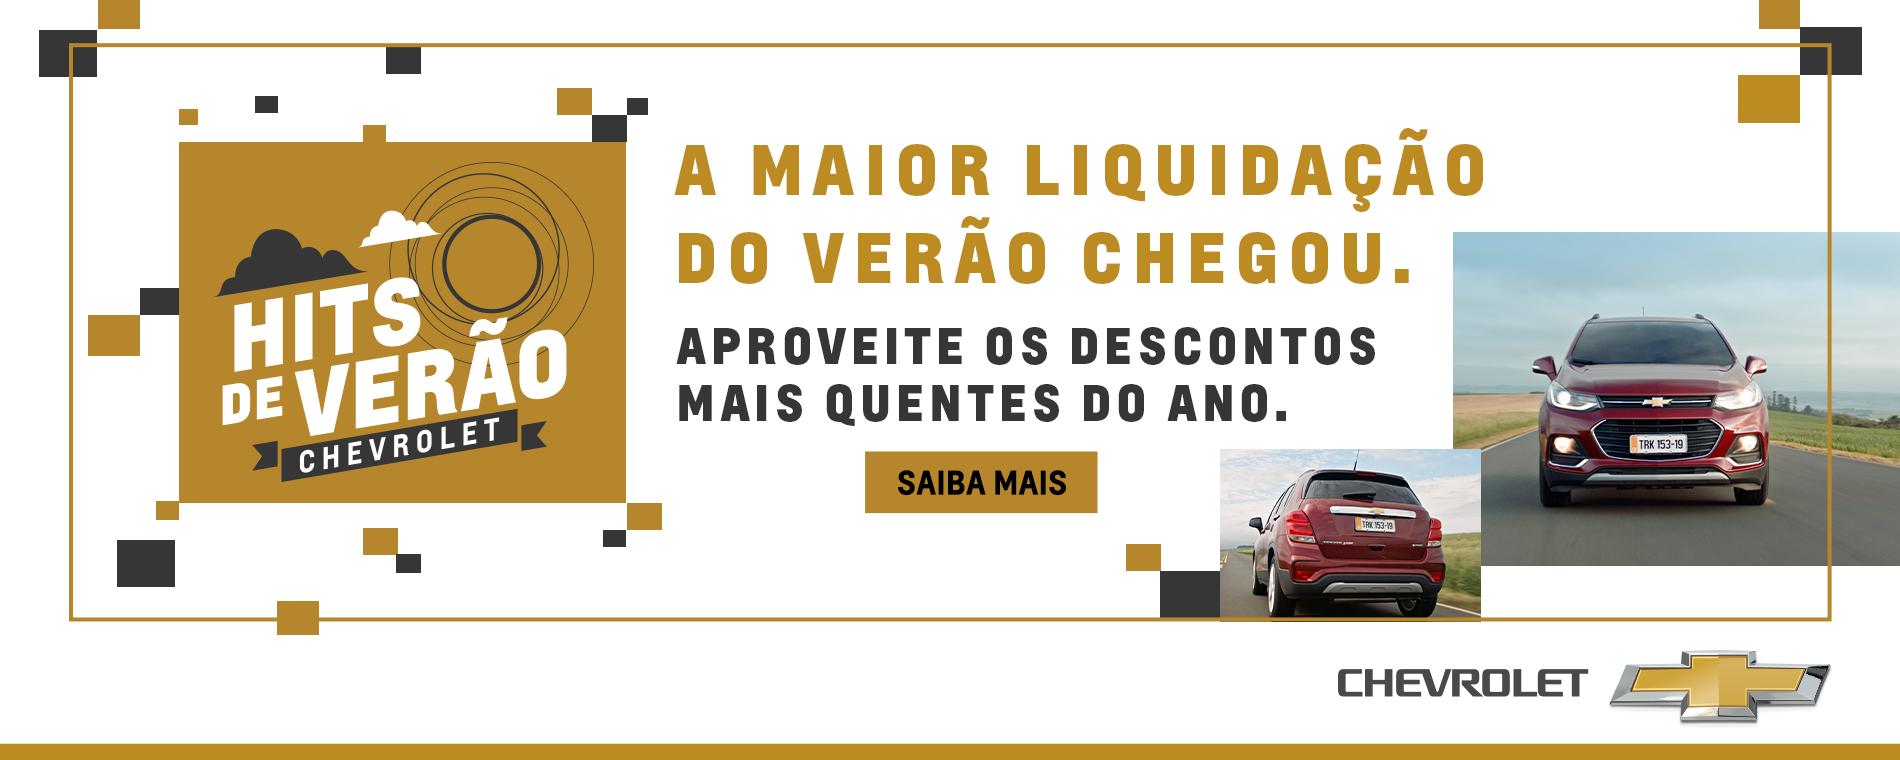 Hits de Verão Chevrolet - A maior liquidação do verão chegou